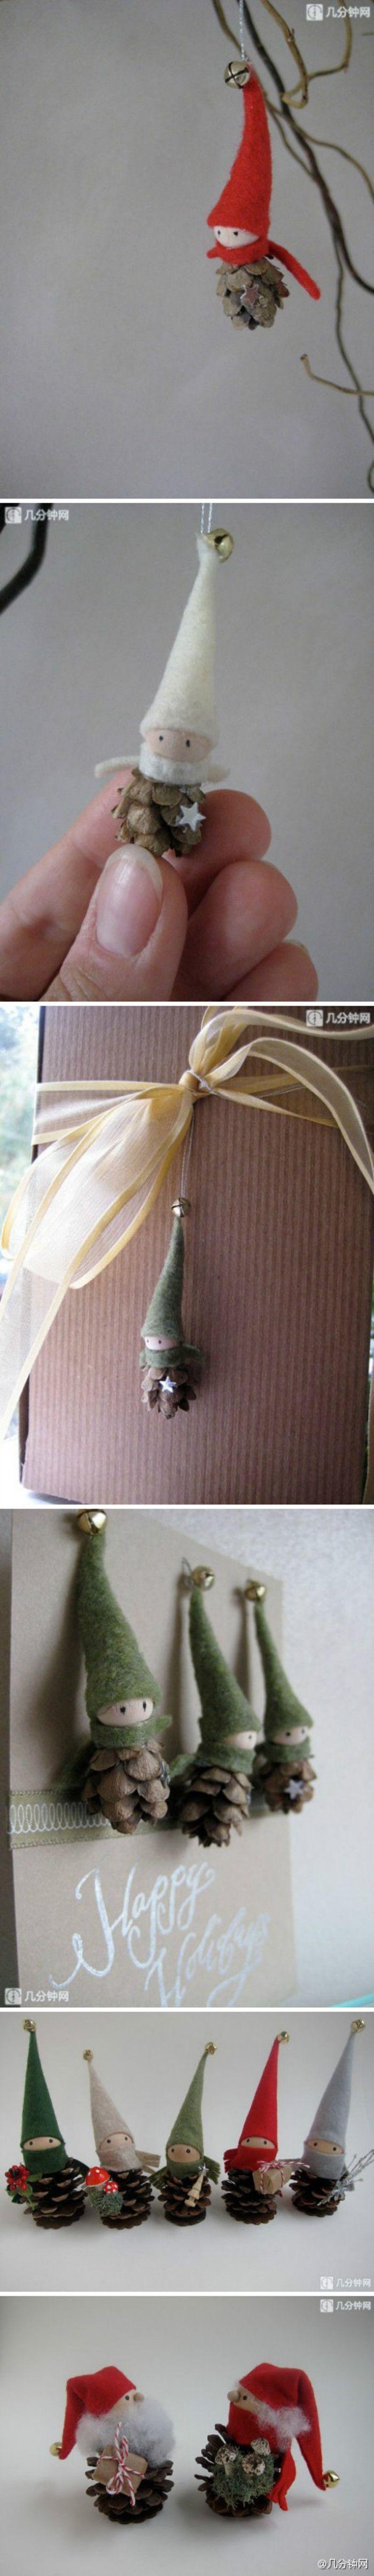 纸质 手工 圣诞 DIY 松果 坚果 动物 不织布